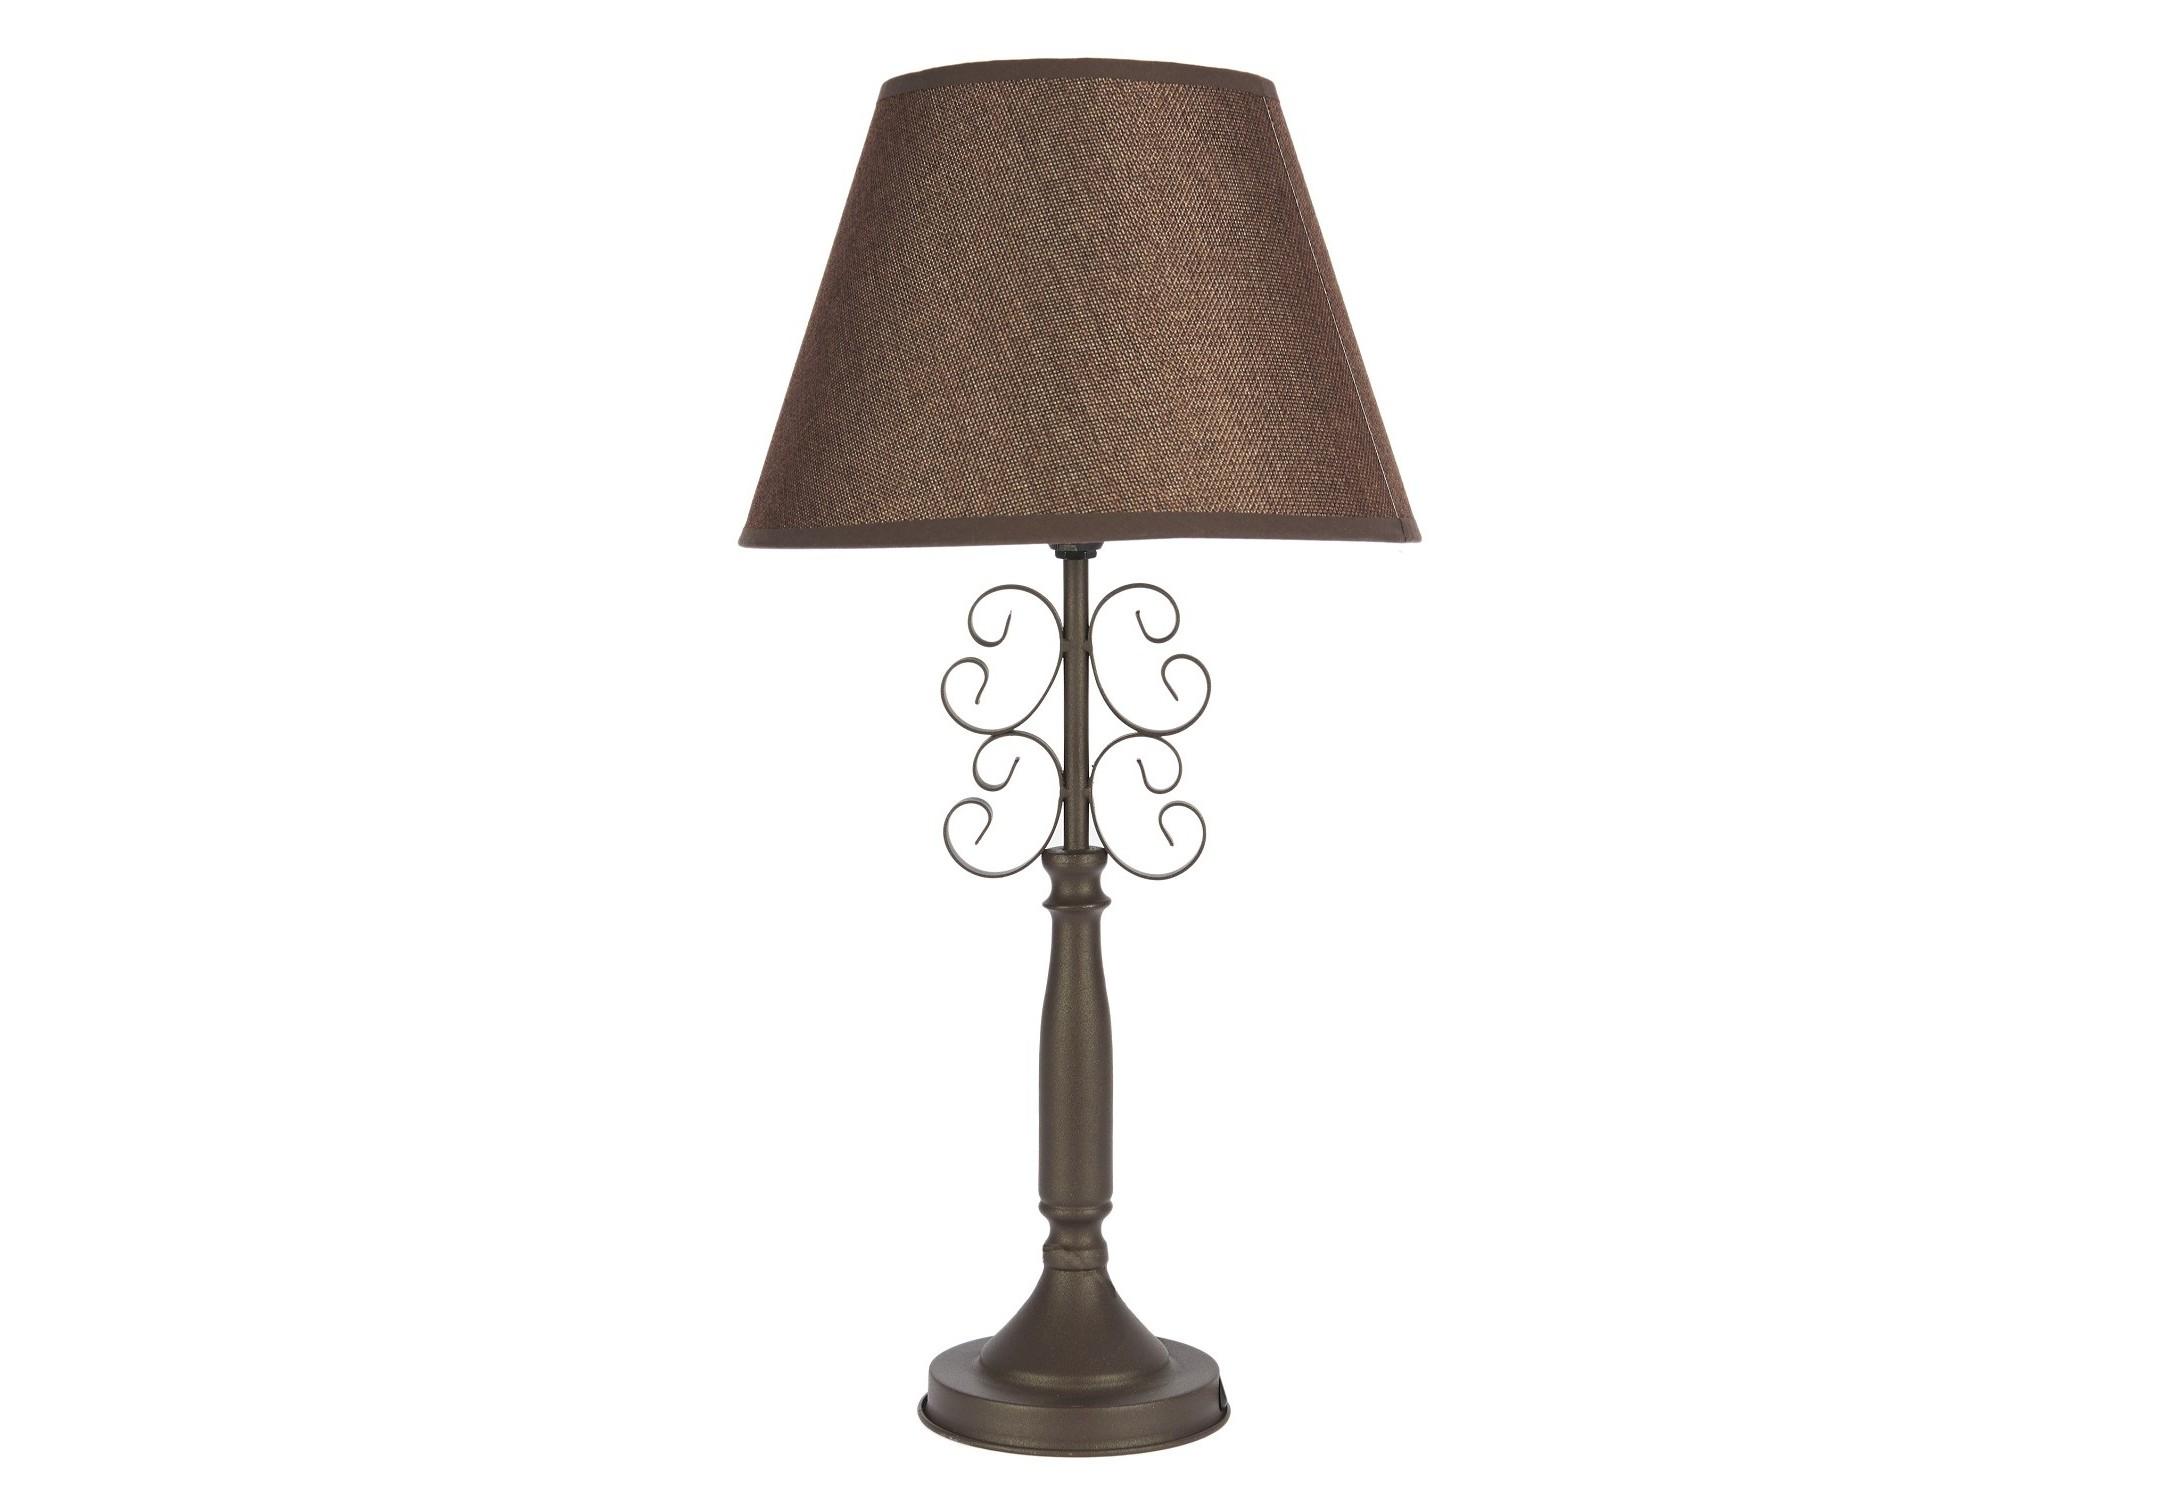 Лампа настольная Borl?ngeДекоративные лампы<br>&amp;lt;div&amp;gt;Вид цоколя: E14&amp;lt;/div&amp;gt;&amp;lt;div&amp;gt;Мощность: &amp;amp;nbsp;40W&amp;lt;/div&amp;gt;&amp;lt;div&amp;gt;Количество ламп: 1 (нет в комплекте)&amp;lt;/div&amp;gt;Длина кабеля: 140 см<br><br>Material: Металл<br>Length см: None<br>Width см: None<br>Height см: 51<br>Diameter см: 25